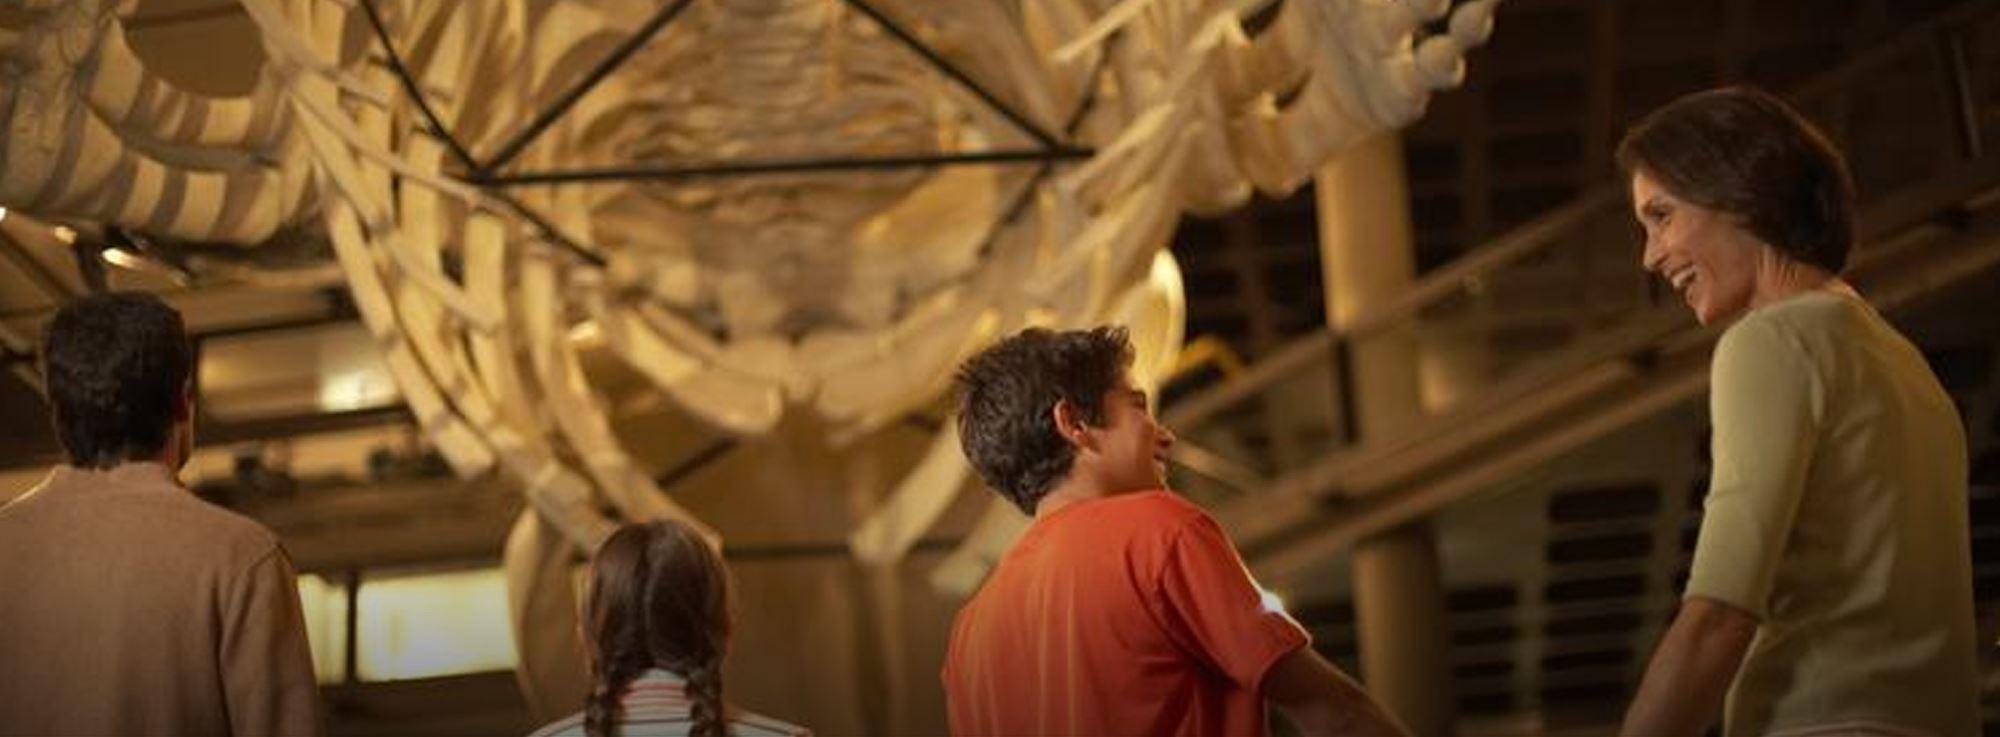 Foggia: Giornata nazionale delle famiglie al Museo